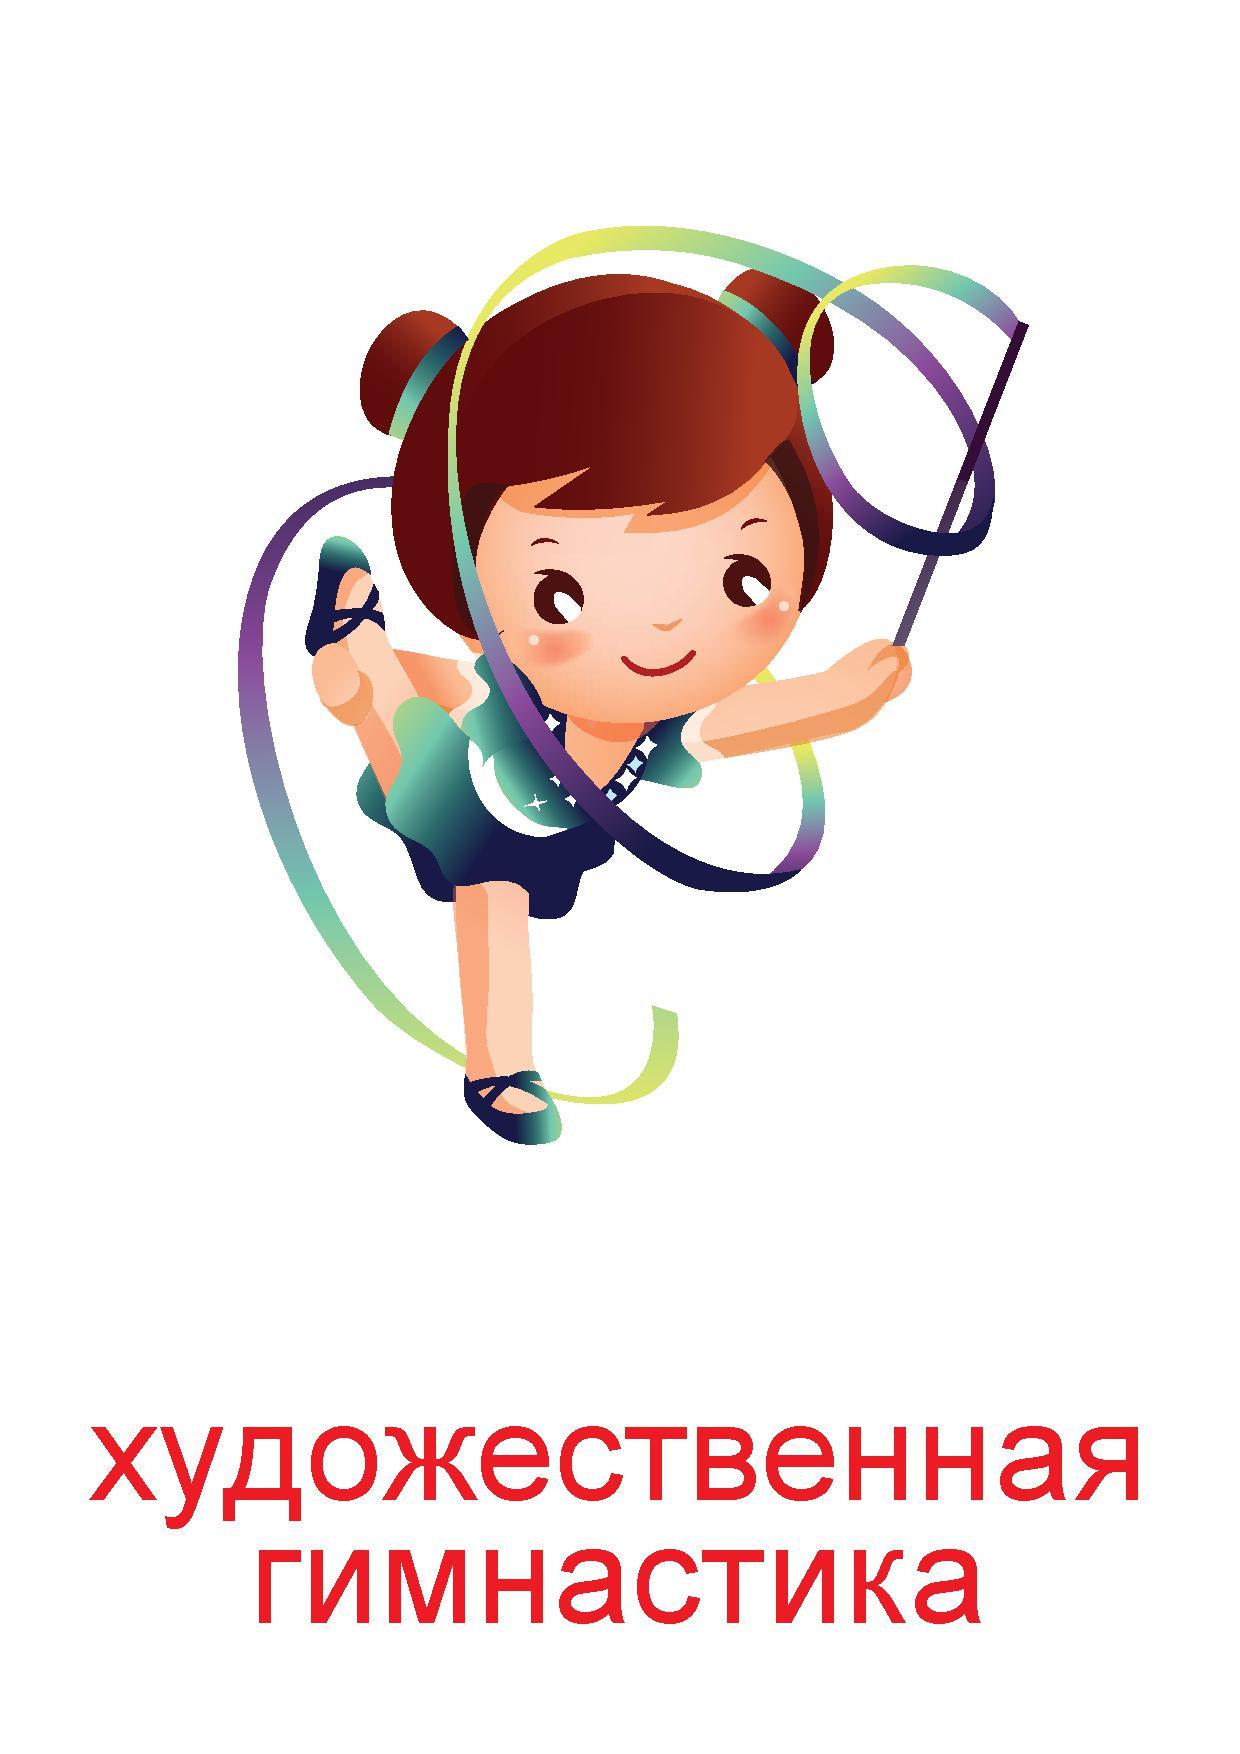 Все виды спорта картинки для детей   подборка 25 изображений (13)